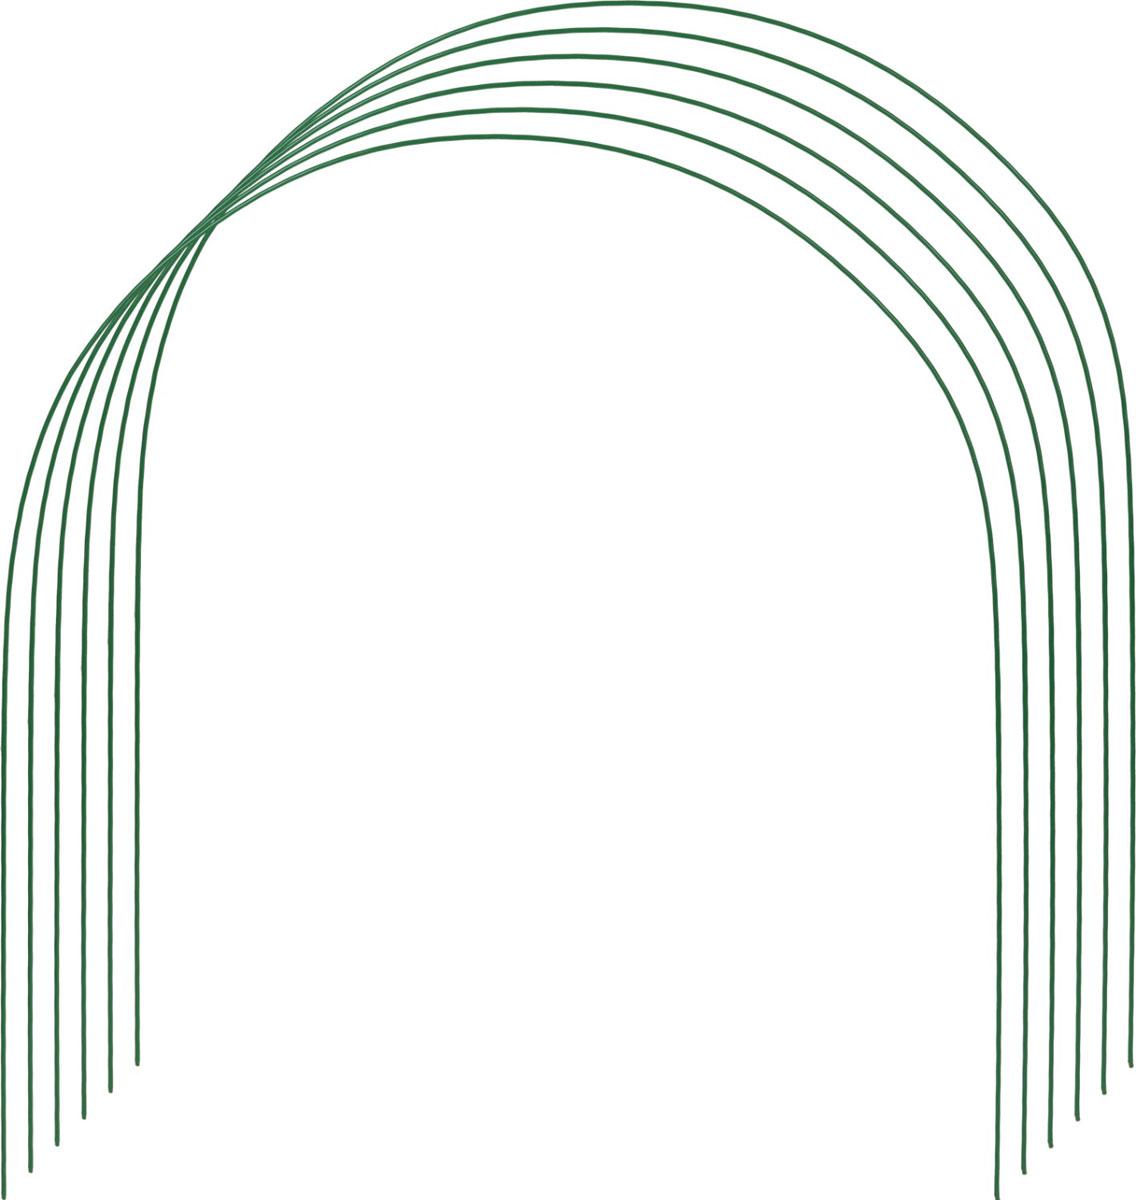 Дуги для парника Grinda предназначены для сборки парника с использованием пленки или укрывного материала. Прочность конструкции обеспечивается использованием стальной проволоки диаметром 5 мм. Порошковая окраска защищает дуги от коррозии. Размер конструкции 2,2 х 0,85 х 0,88 м.